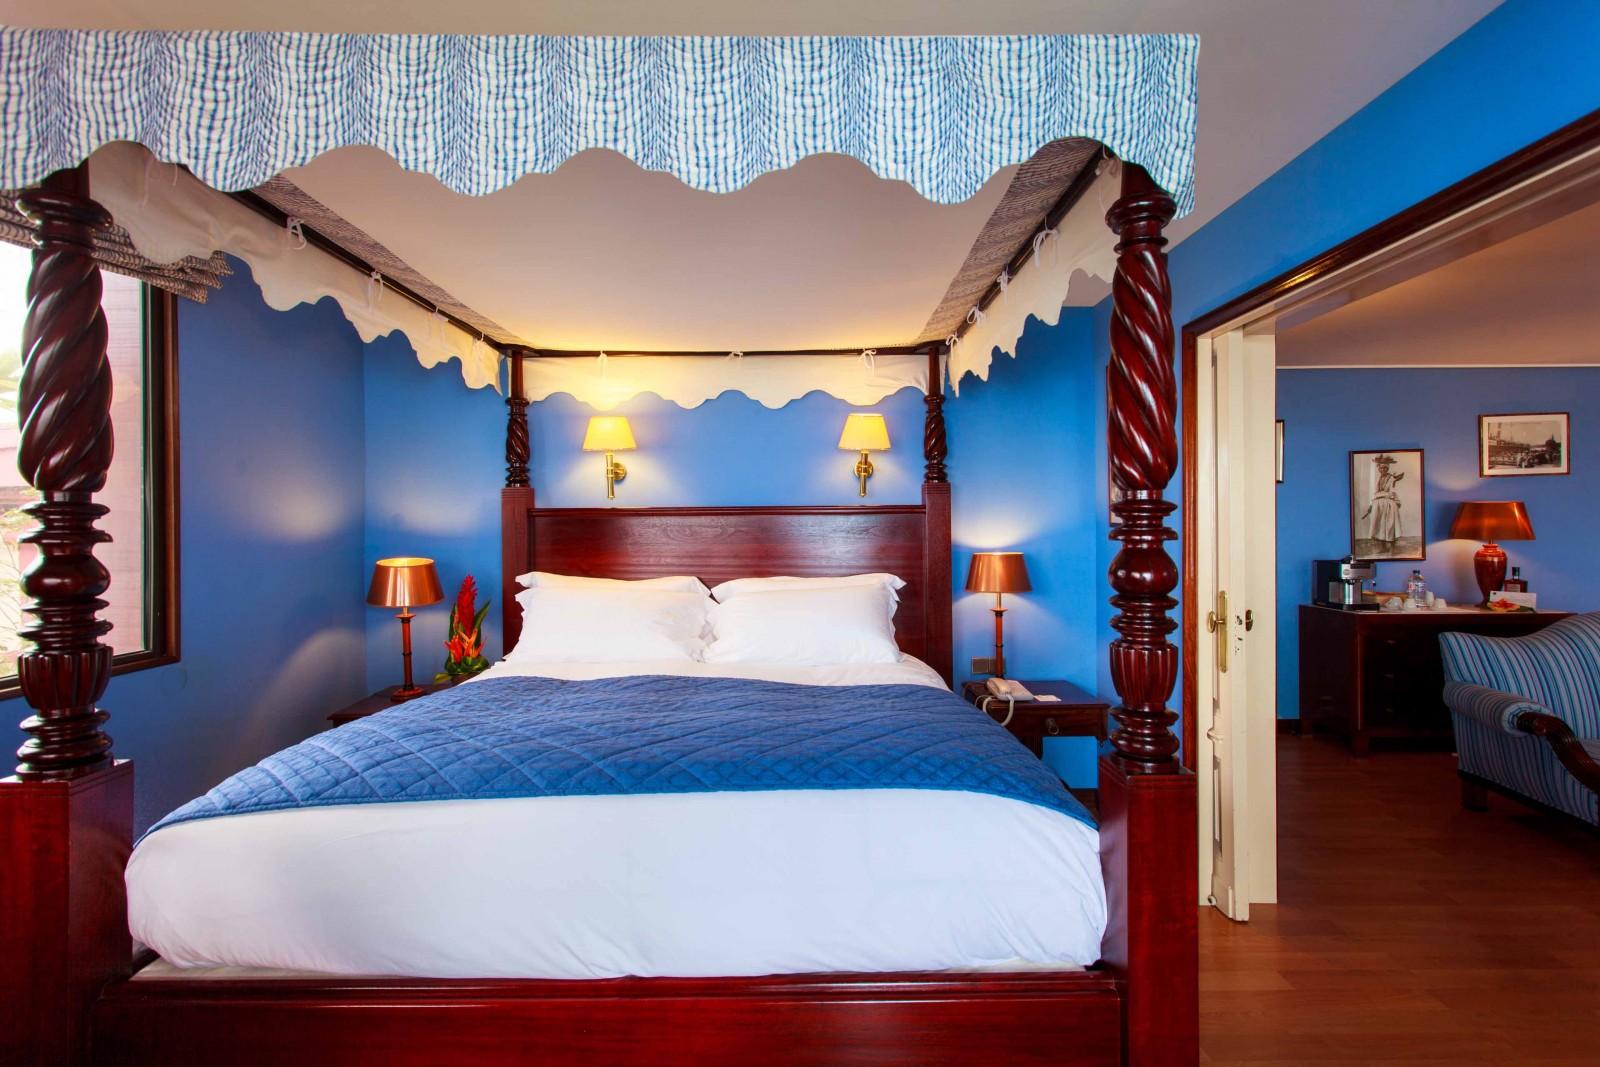 132 chambres et 6 suites élégantes et confortables